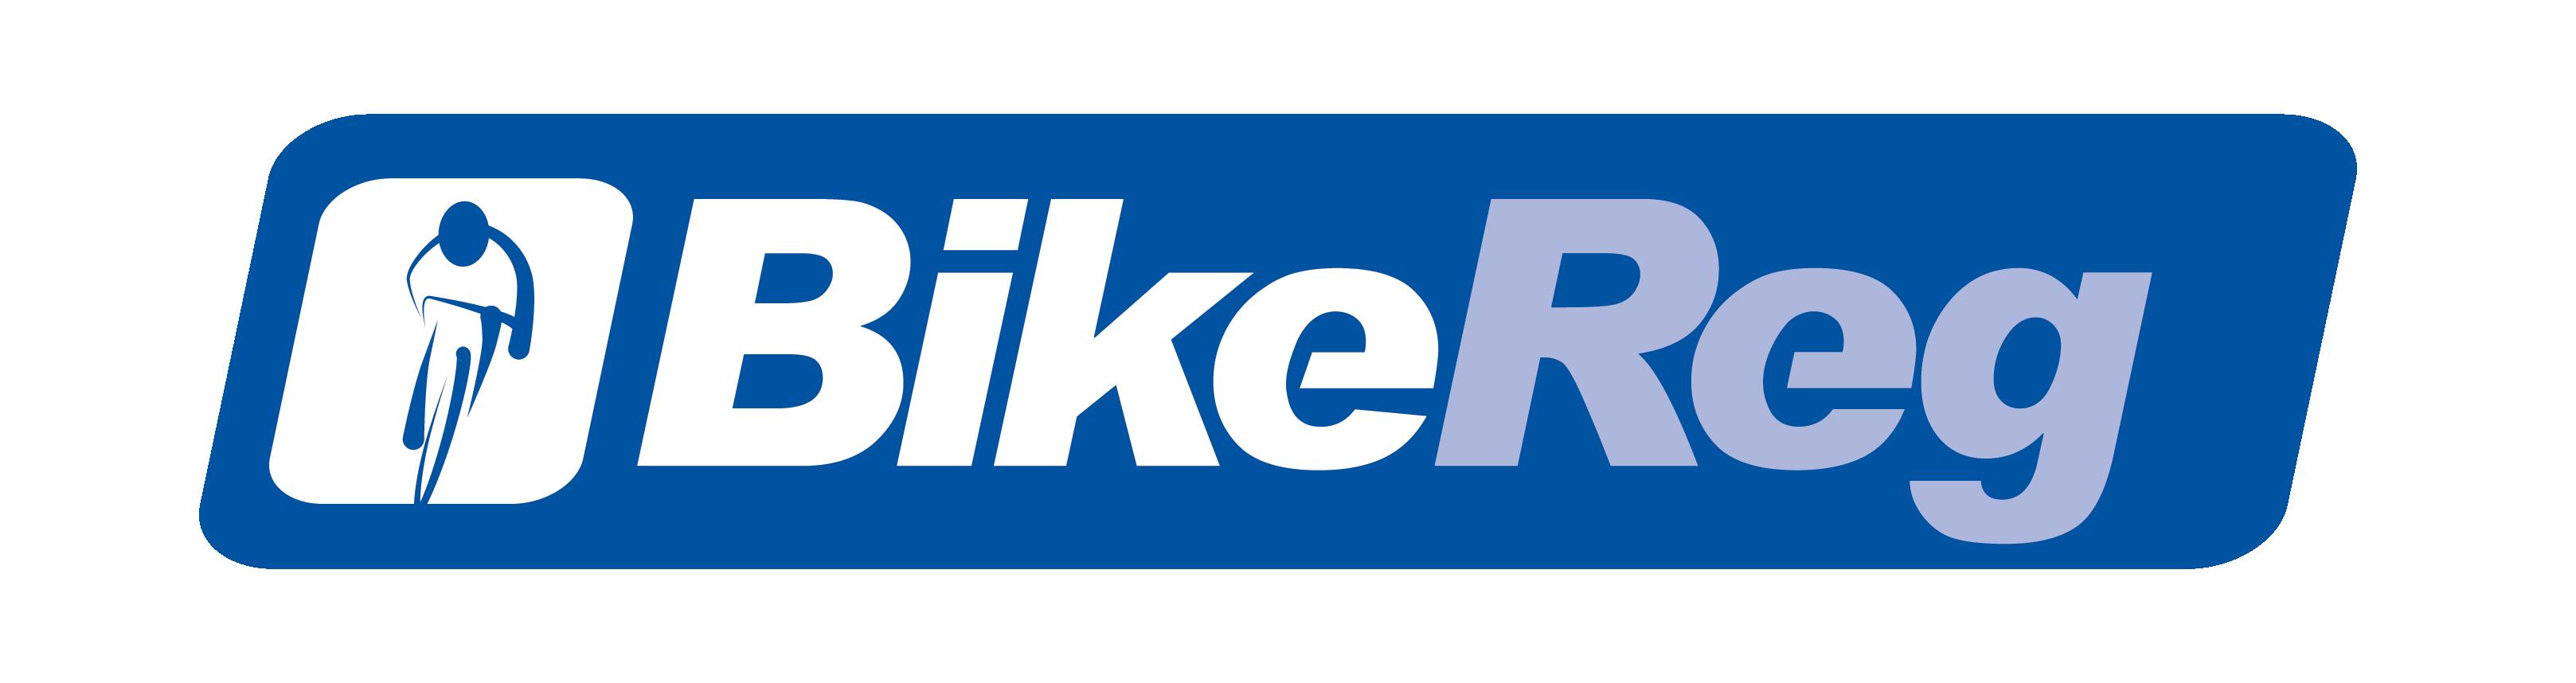 BIKEREG_1BLOCK